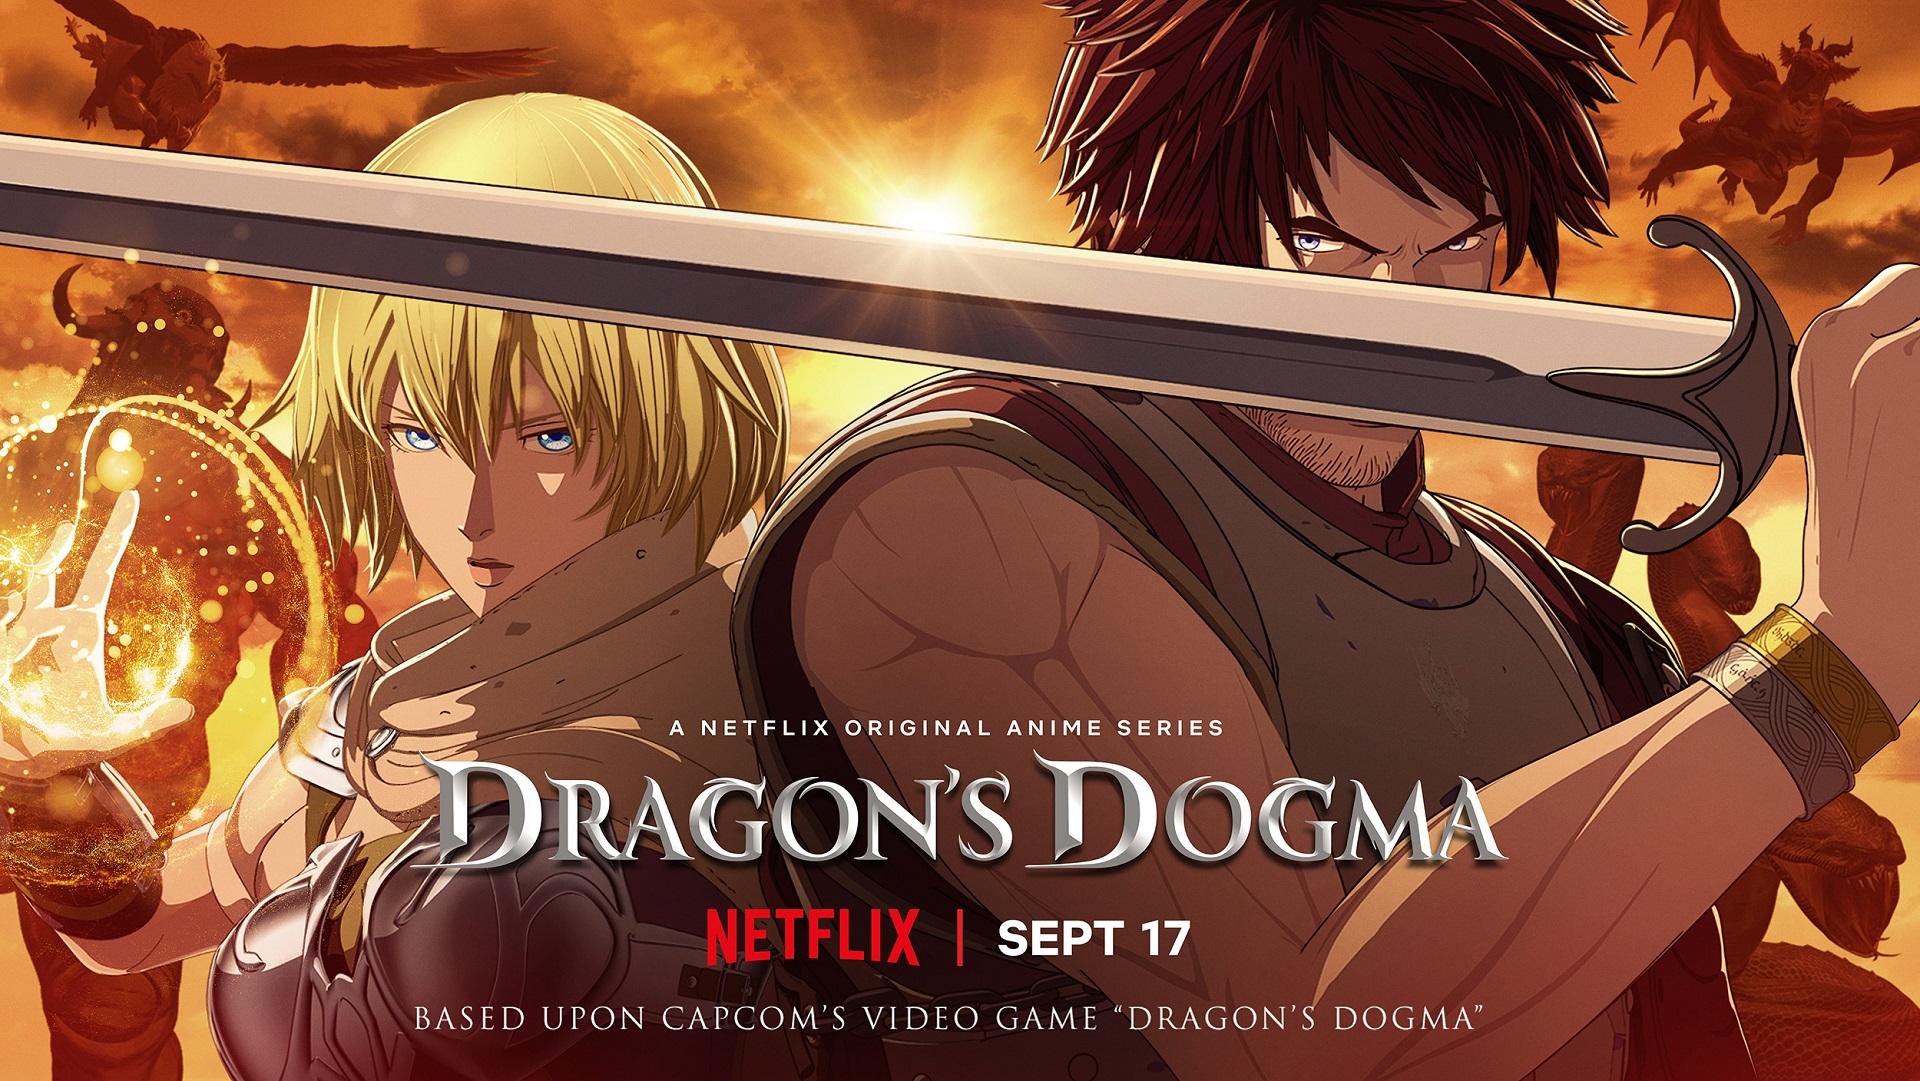 dragons dogma anime